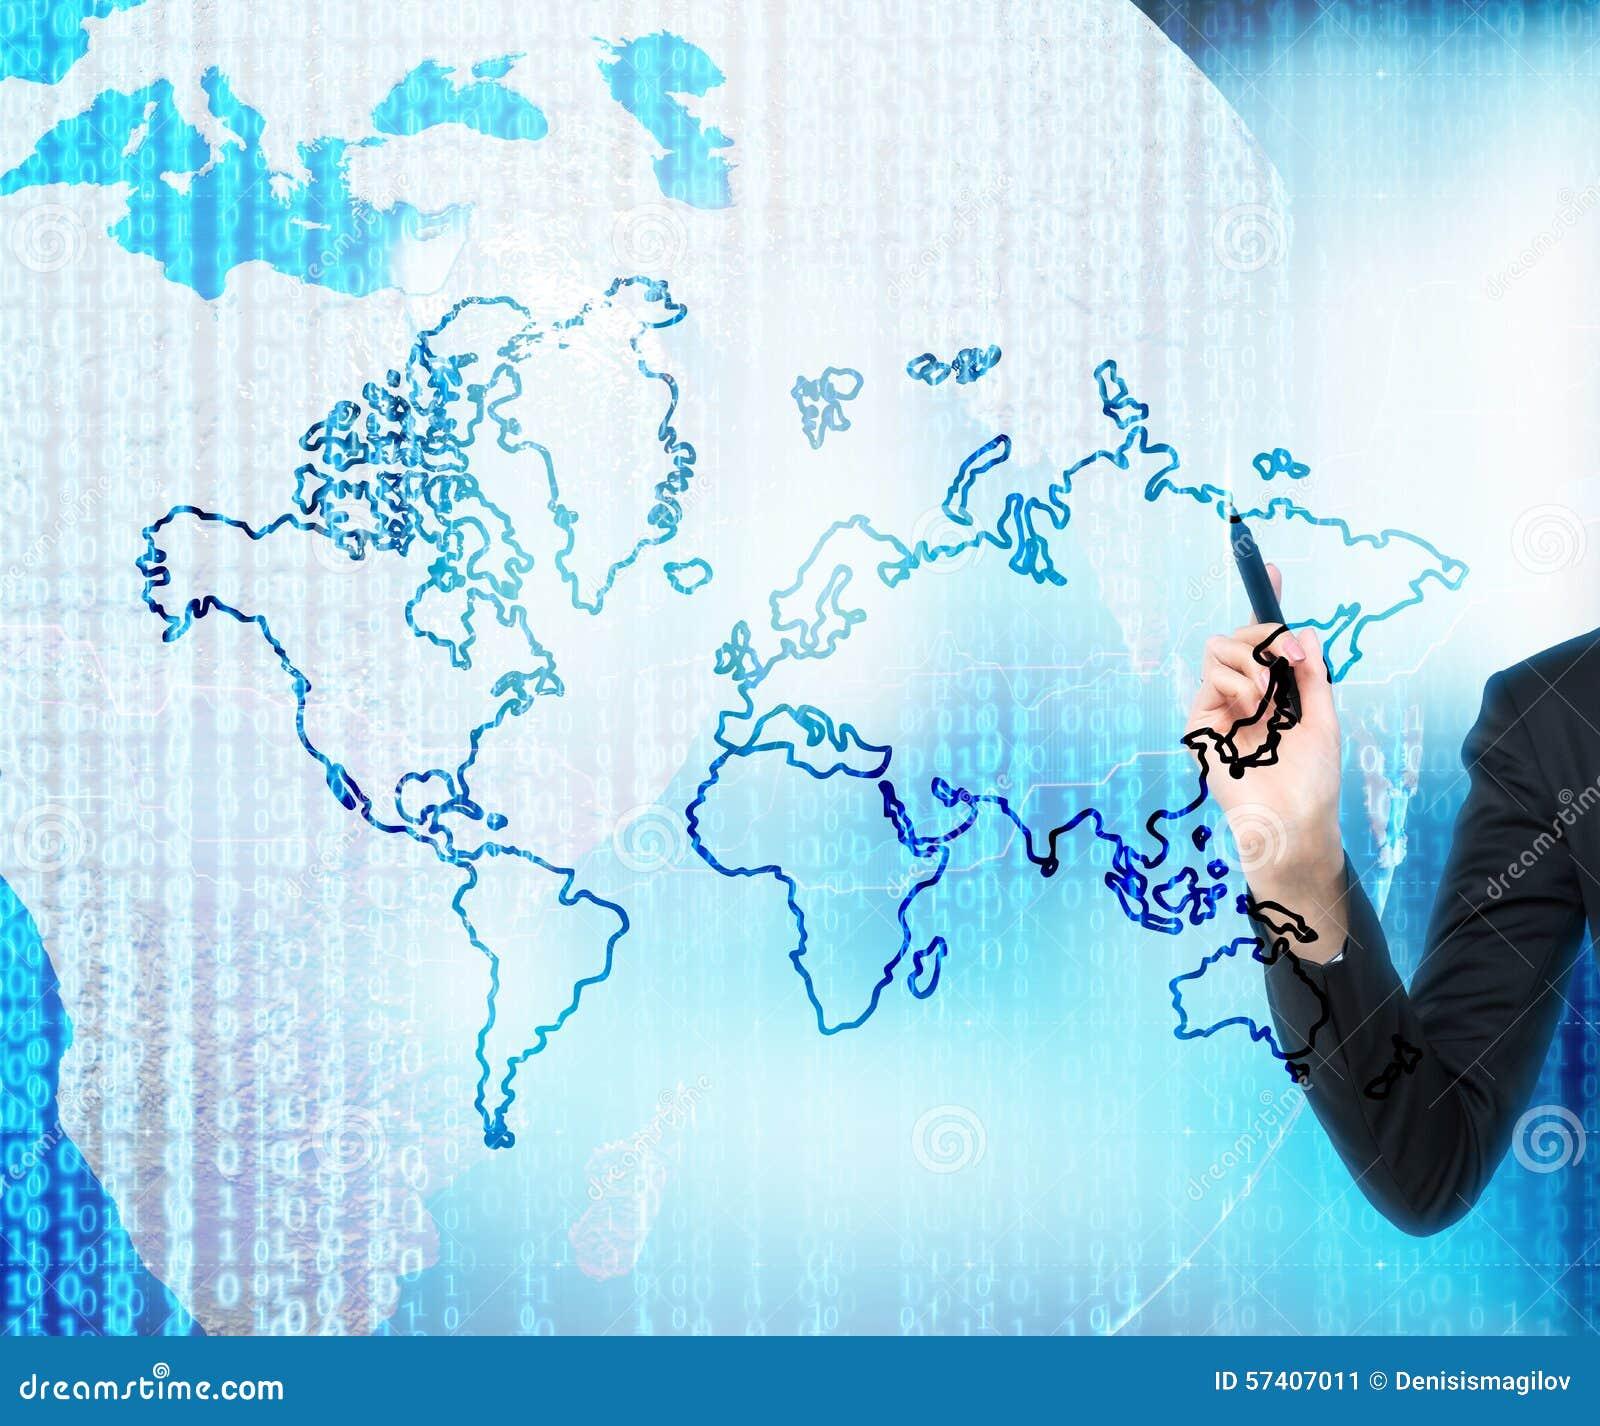 Een hand trekt het digitale bedrijfsleven De wereldkaart wordt getrokken over de digitale bol